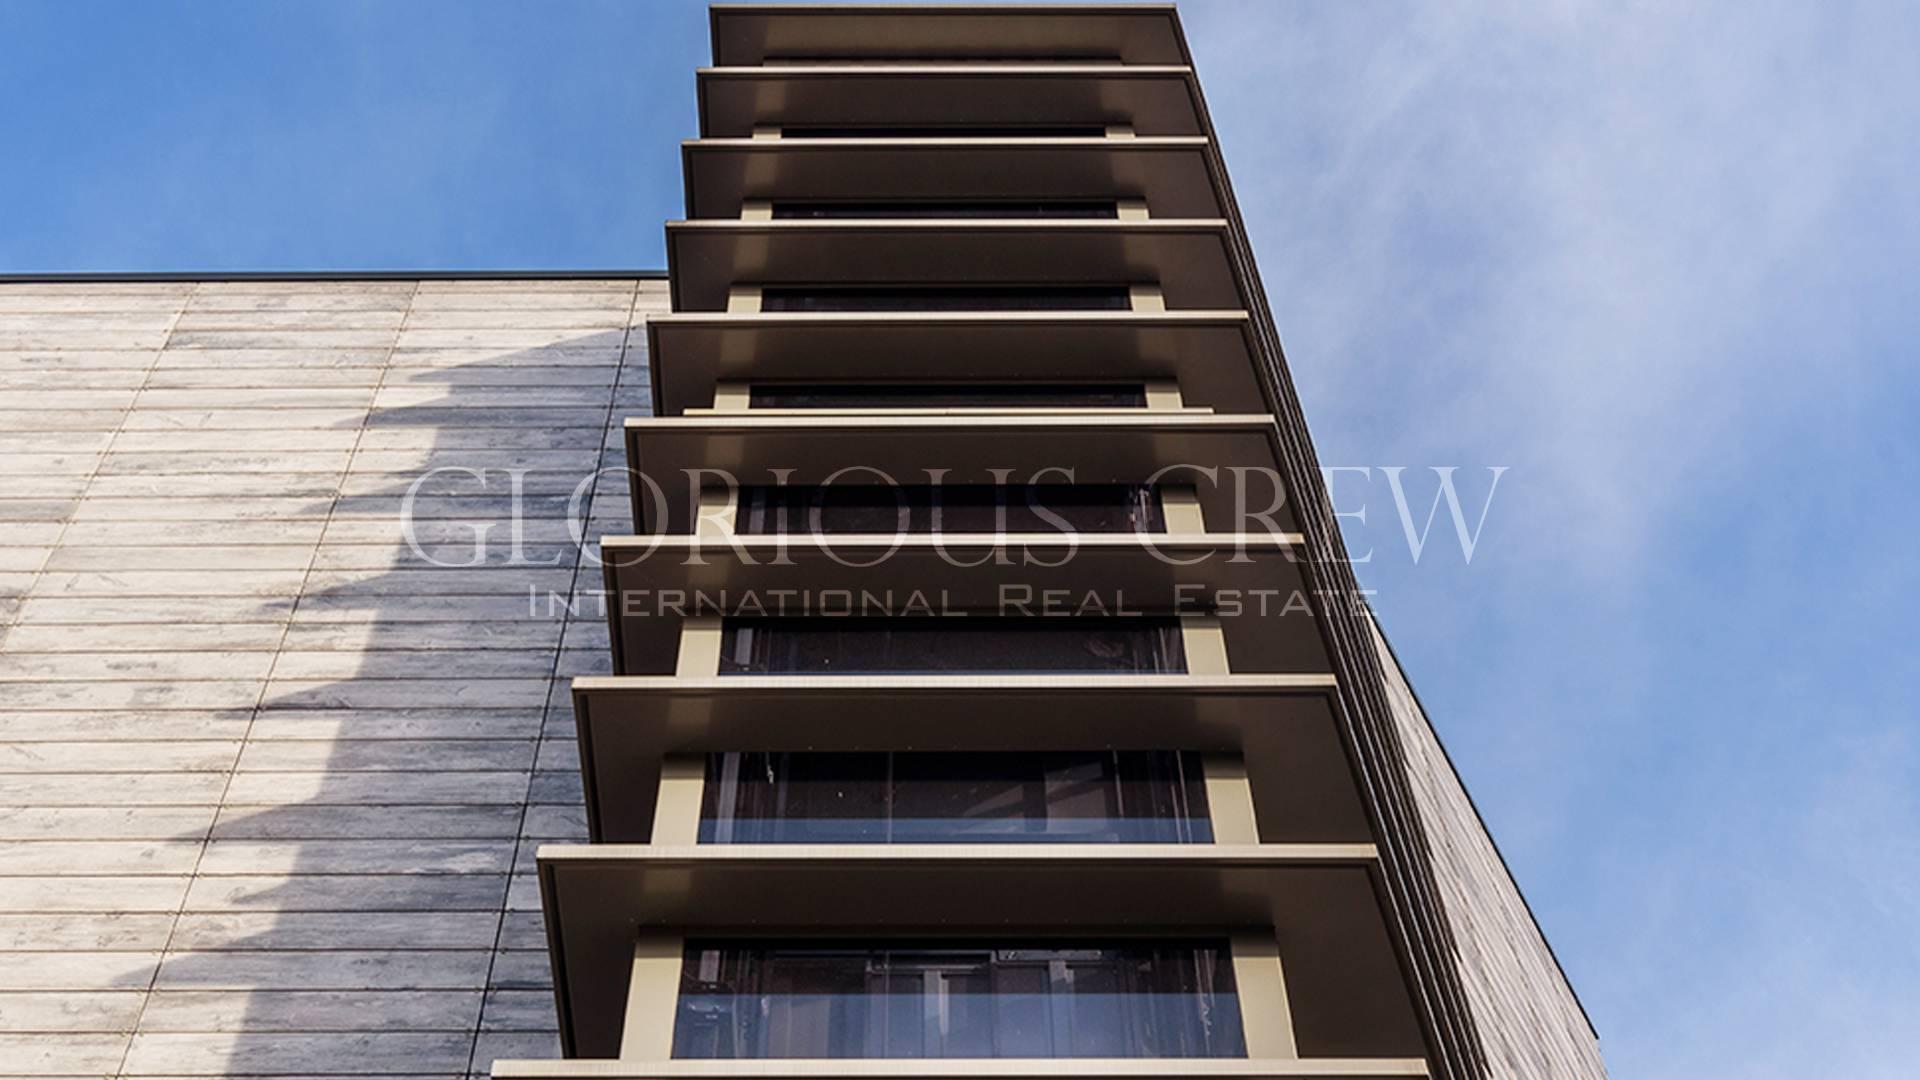 Appartamento in Vendita a Monza: 4 locali, 149 mq - Foto 2